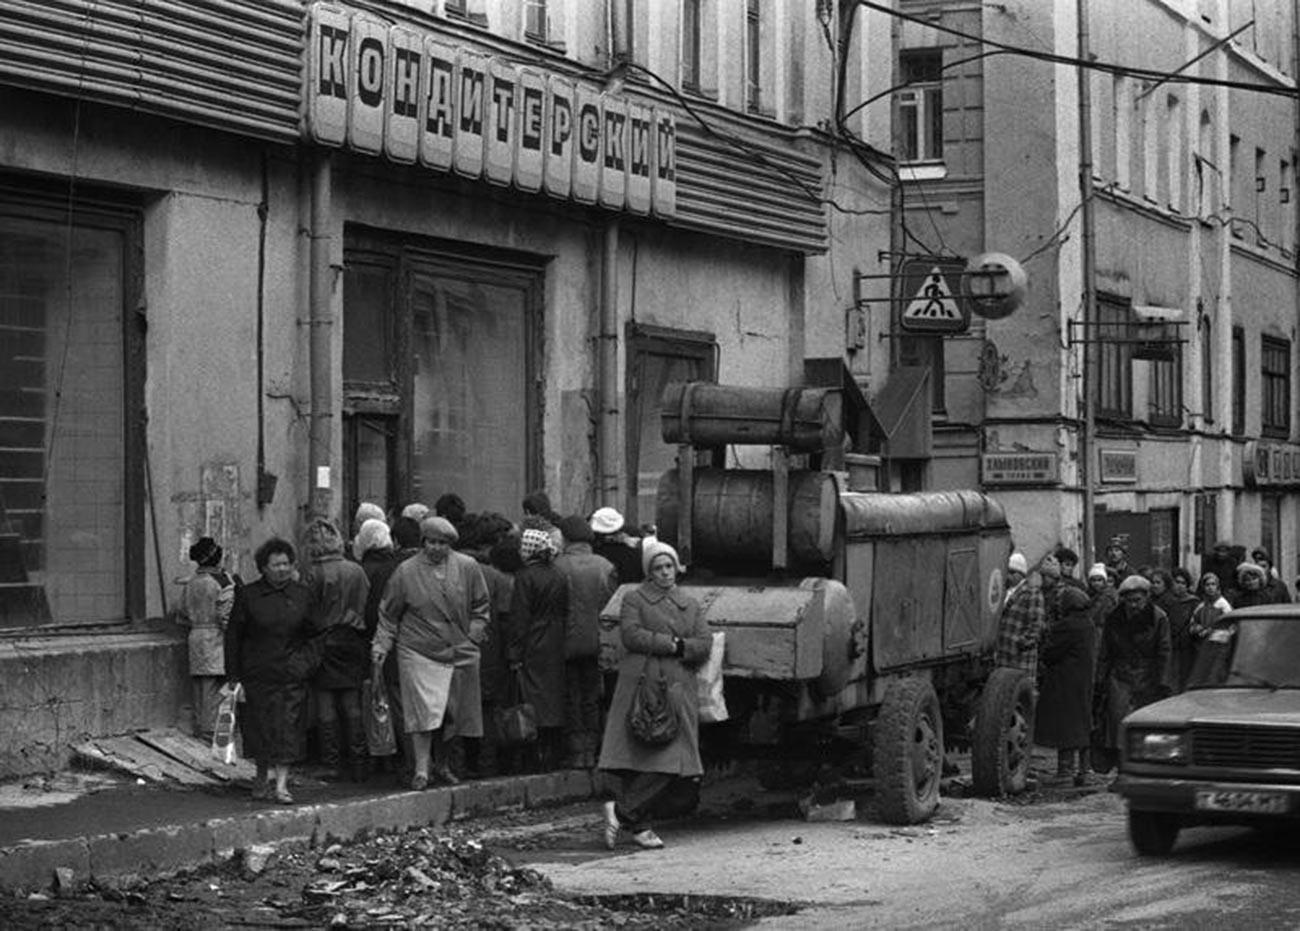 File d'attente avant l'ouverture d'un magasin de la rue Alexandre Herzen (aujourd'hui Bolchaïa Nikitskaïa), 1990